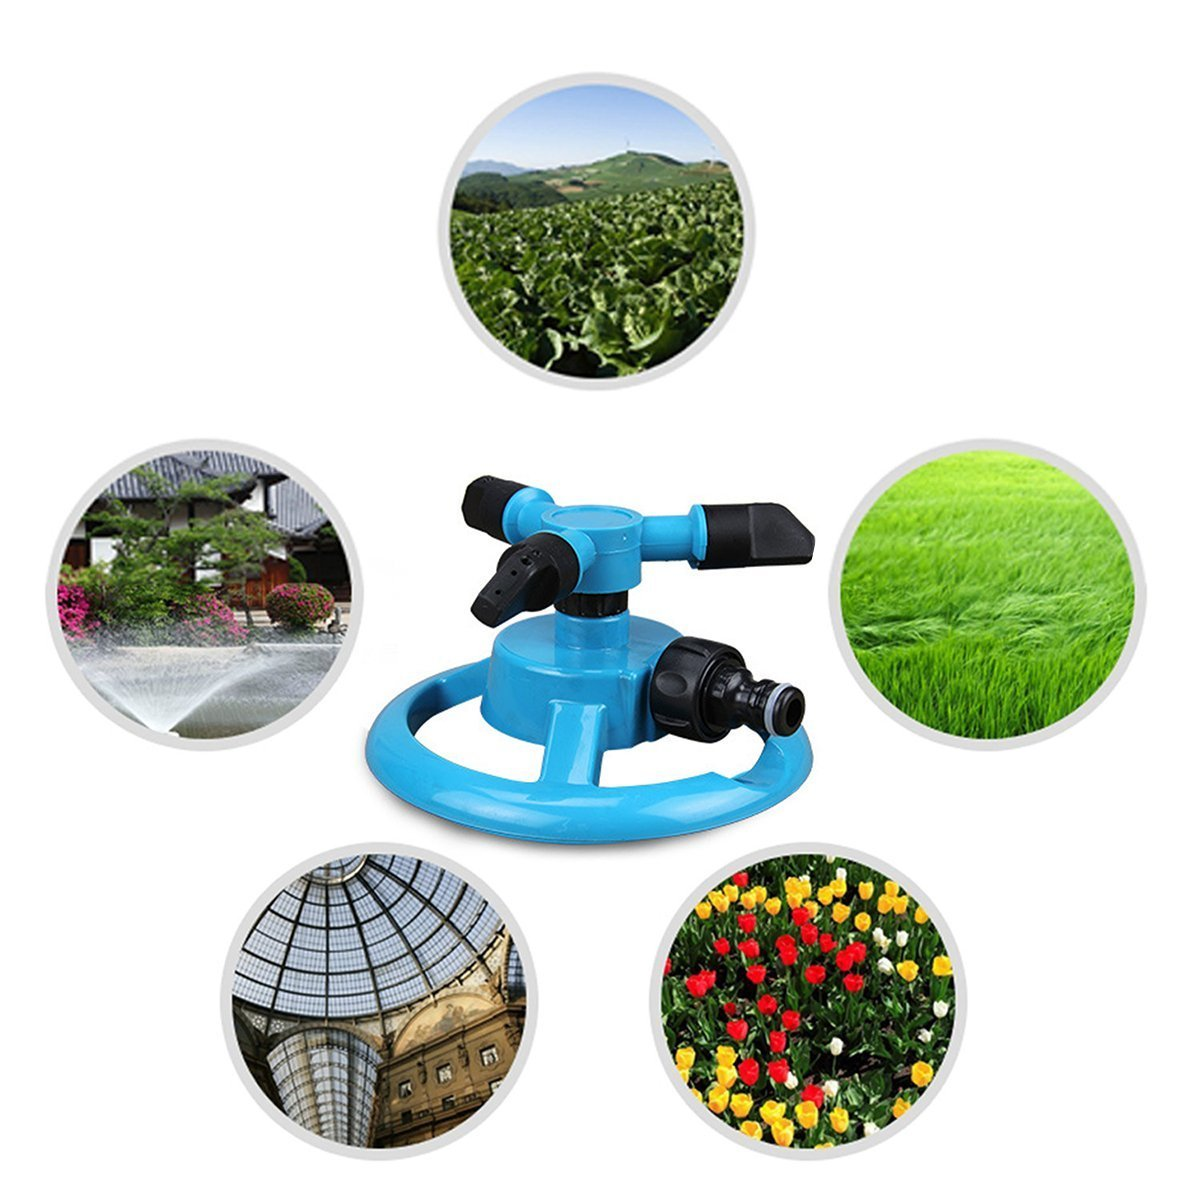 Rasen oder zum Spielen f/ür die Kinder Automatisch drehender Rasensprenger mit drei Armen f/ür Garten von PriMi